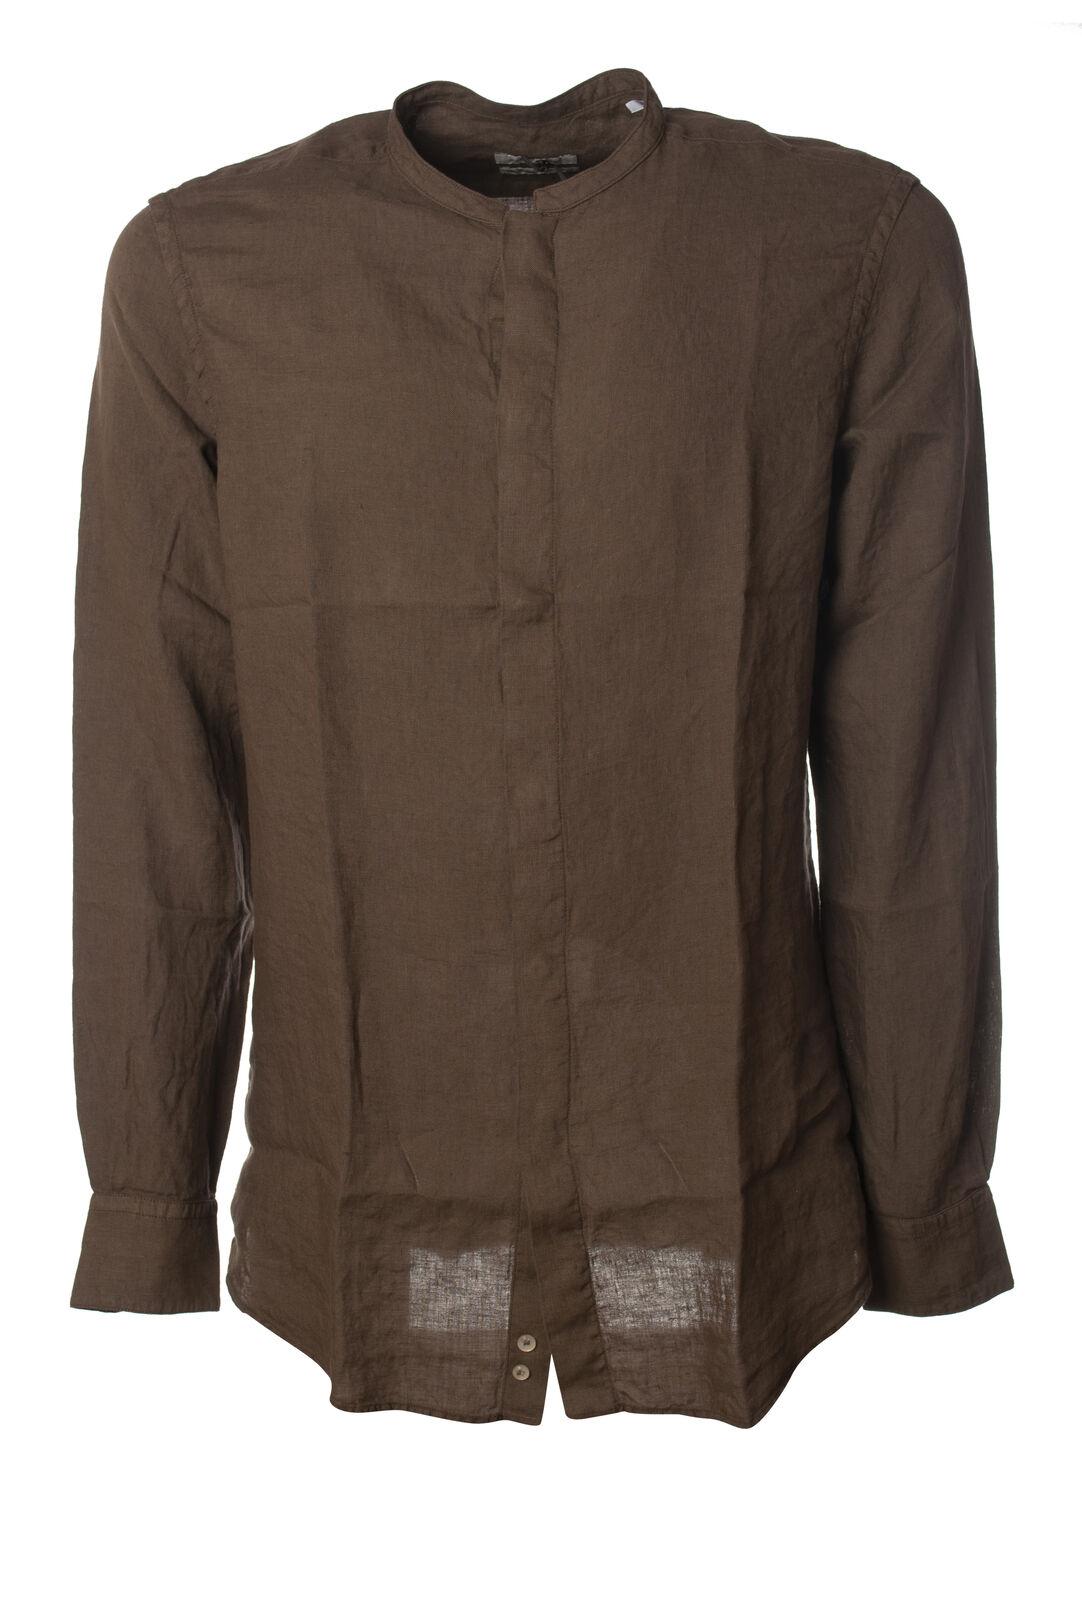 Paolo Pecora - Camicie-Camicie coreana - herren - braun - 6083530F191923